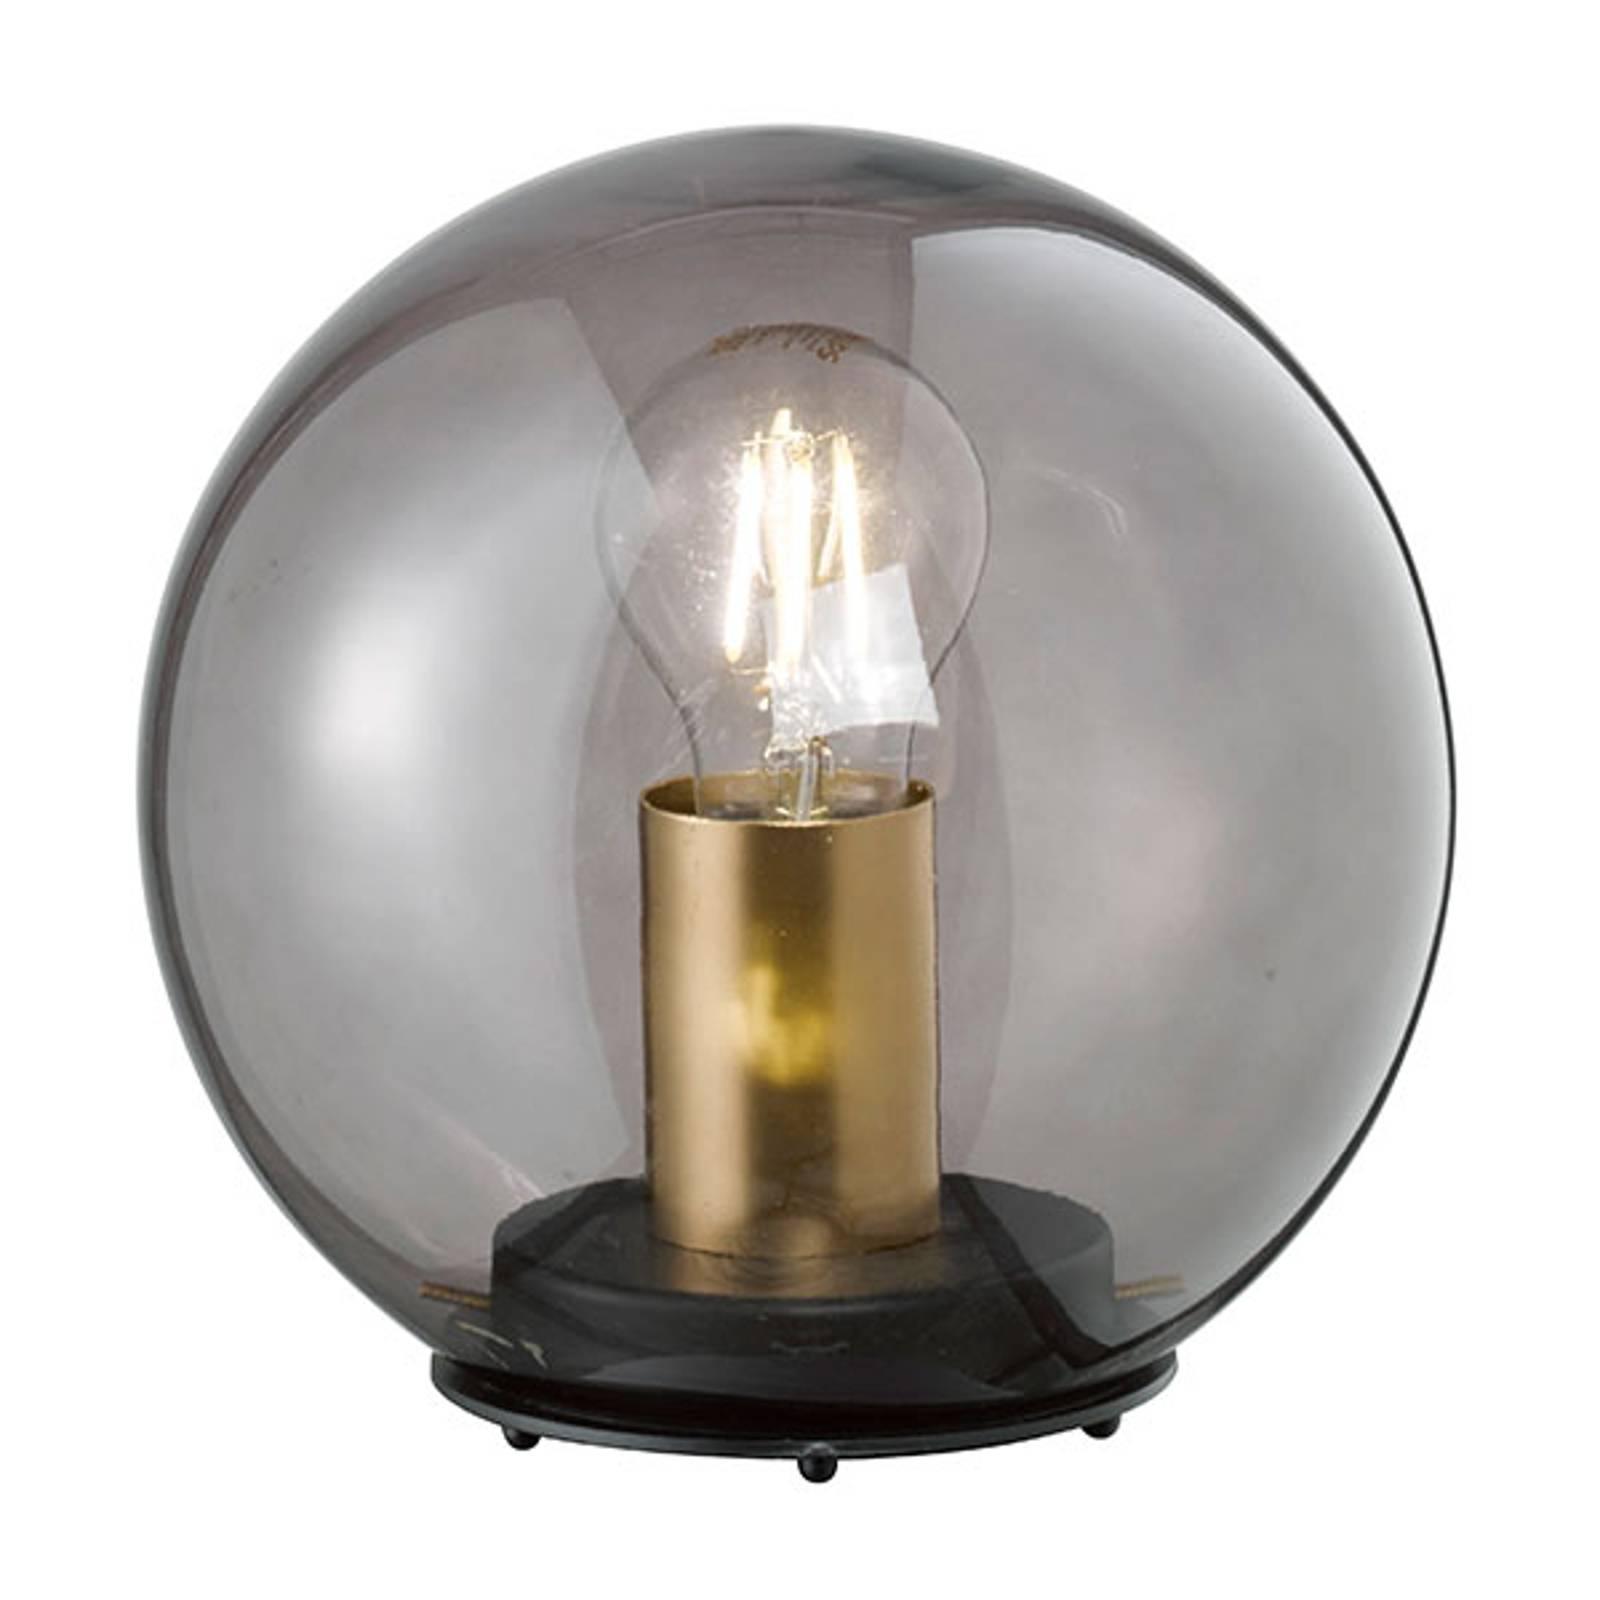 Tafellamp Dini met bolkap van glas, 30 cm